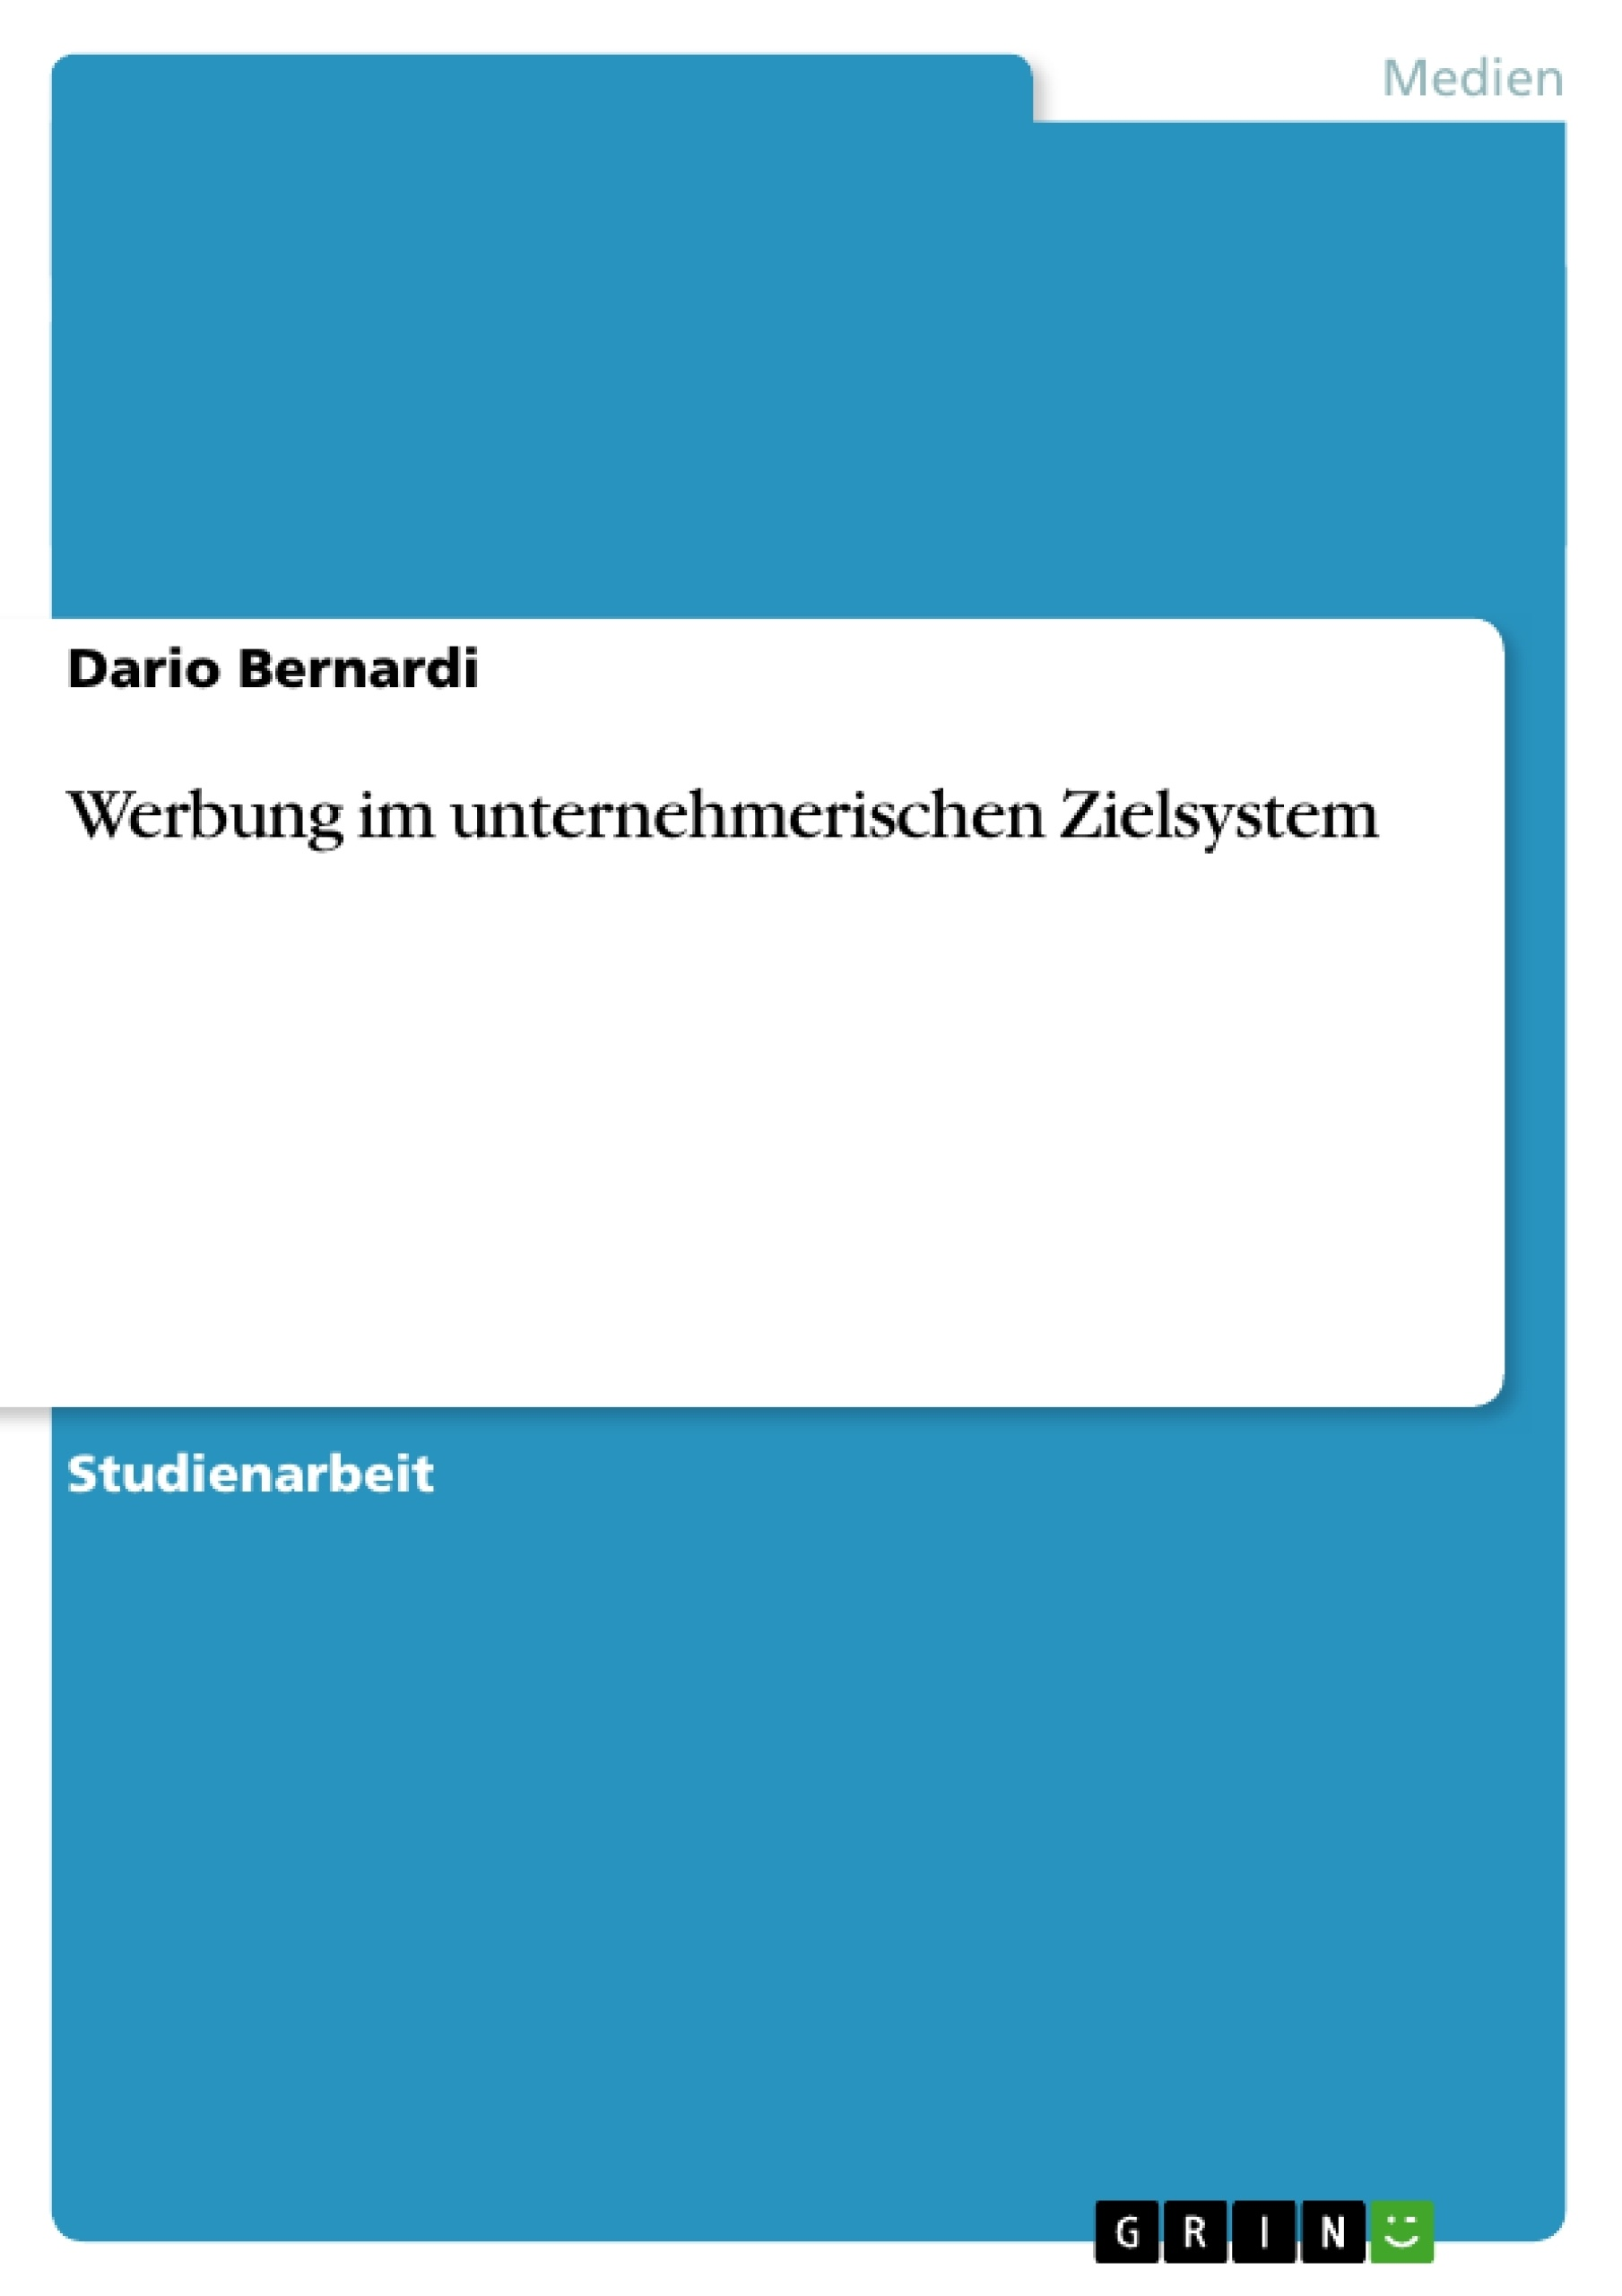 Titel: Werbung im unternehmerischen Zielsystem